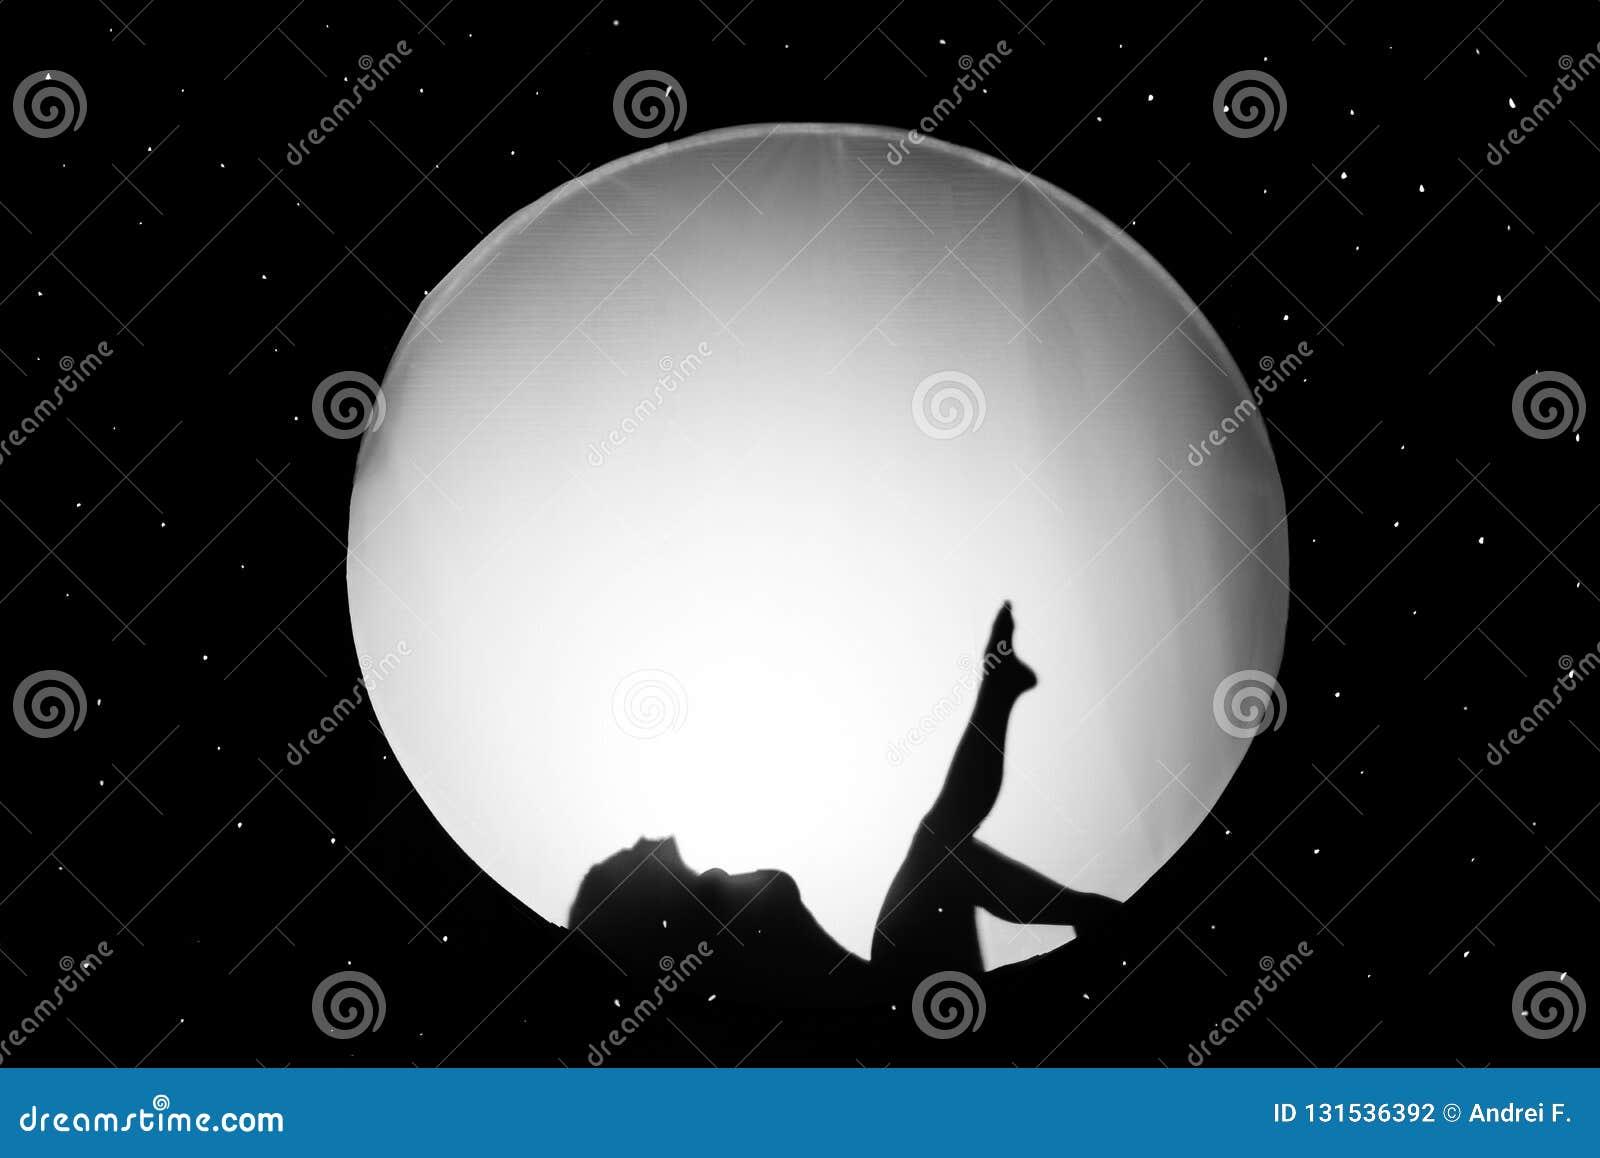 Silhueta da menina nude, contra um fundo branco sob a forma de um círculo no espaço preto